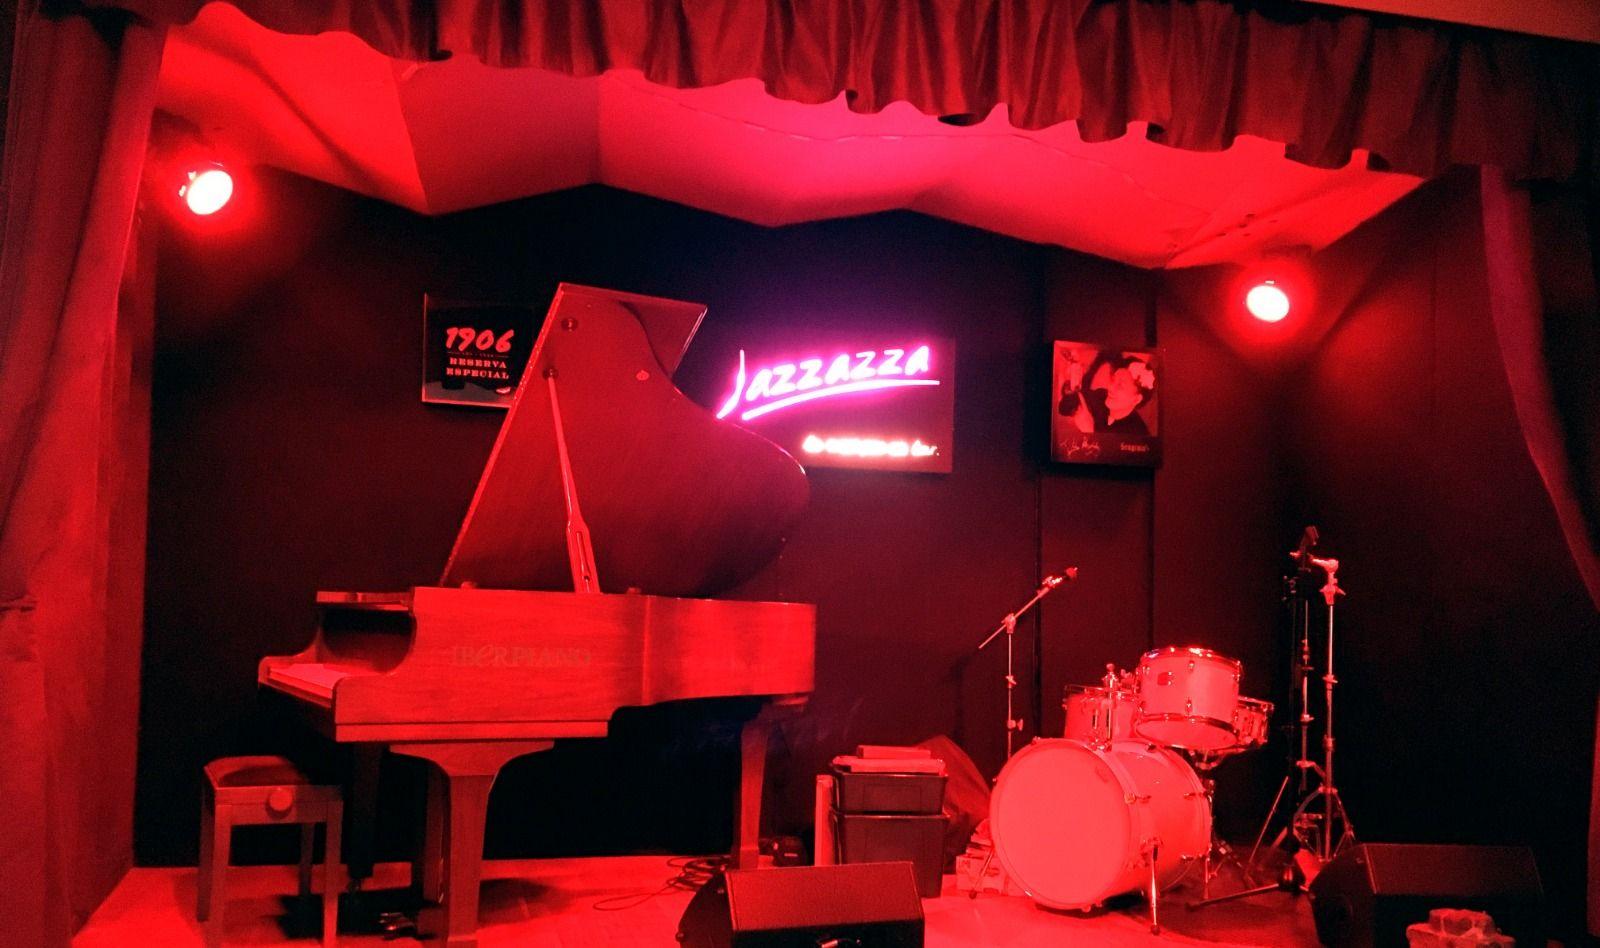 Jazzazza Jazz Club lanza una campaña de mecenazgo para evitar su cierre